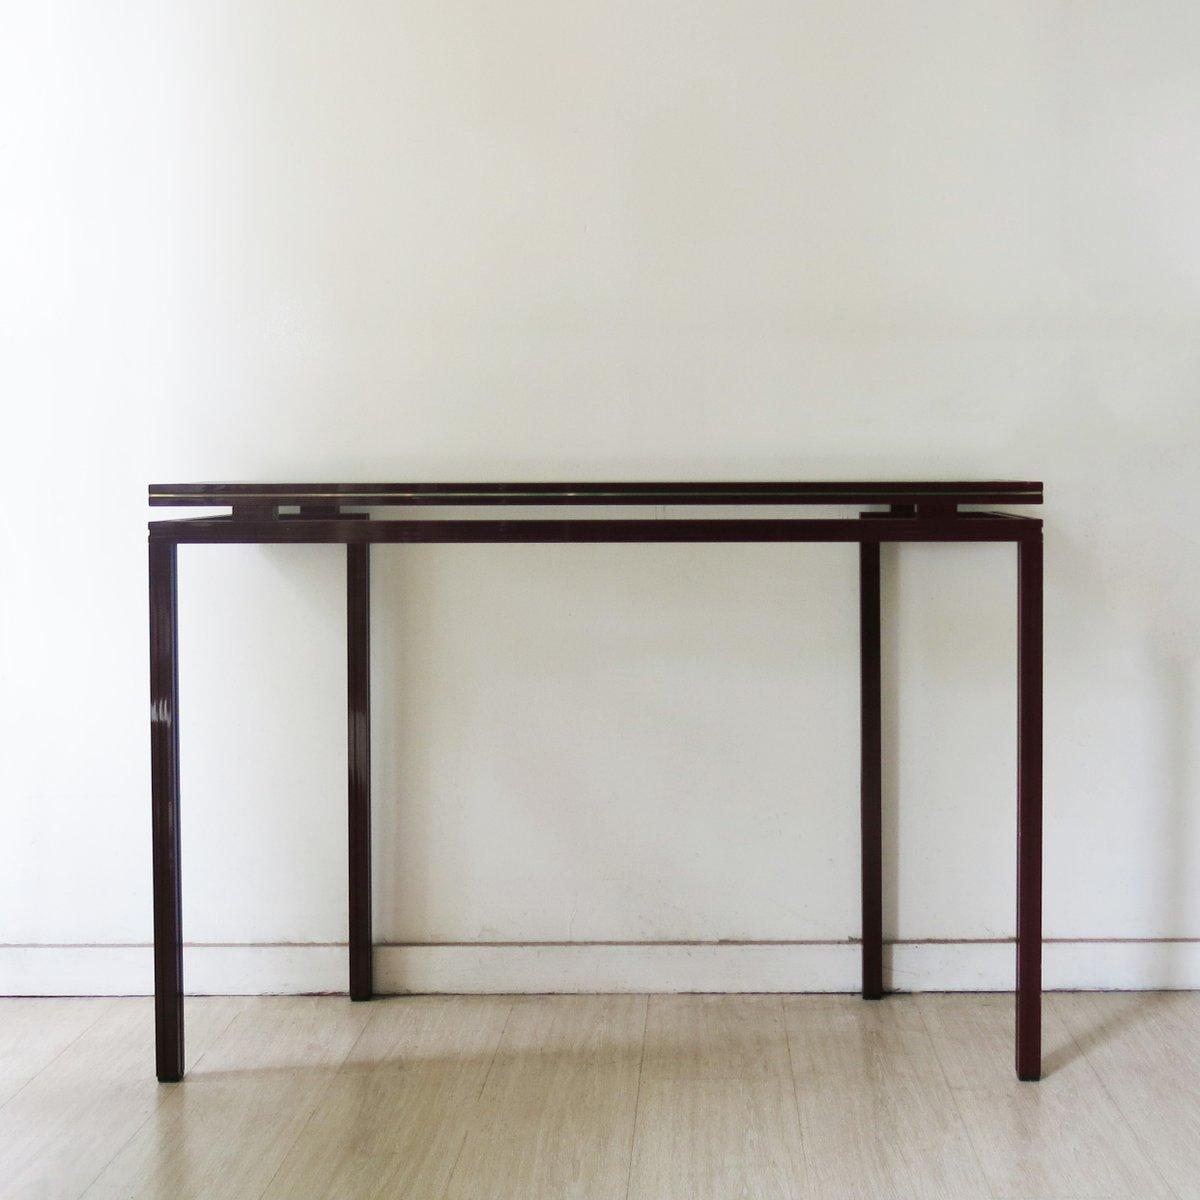 franz sische glas konsole von pierre vandel 1970er bei pamono kaufen. Black Bedroom Furniture Sets. Home Design Ideas